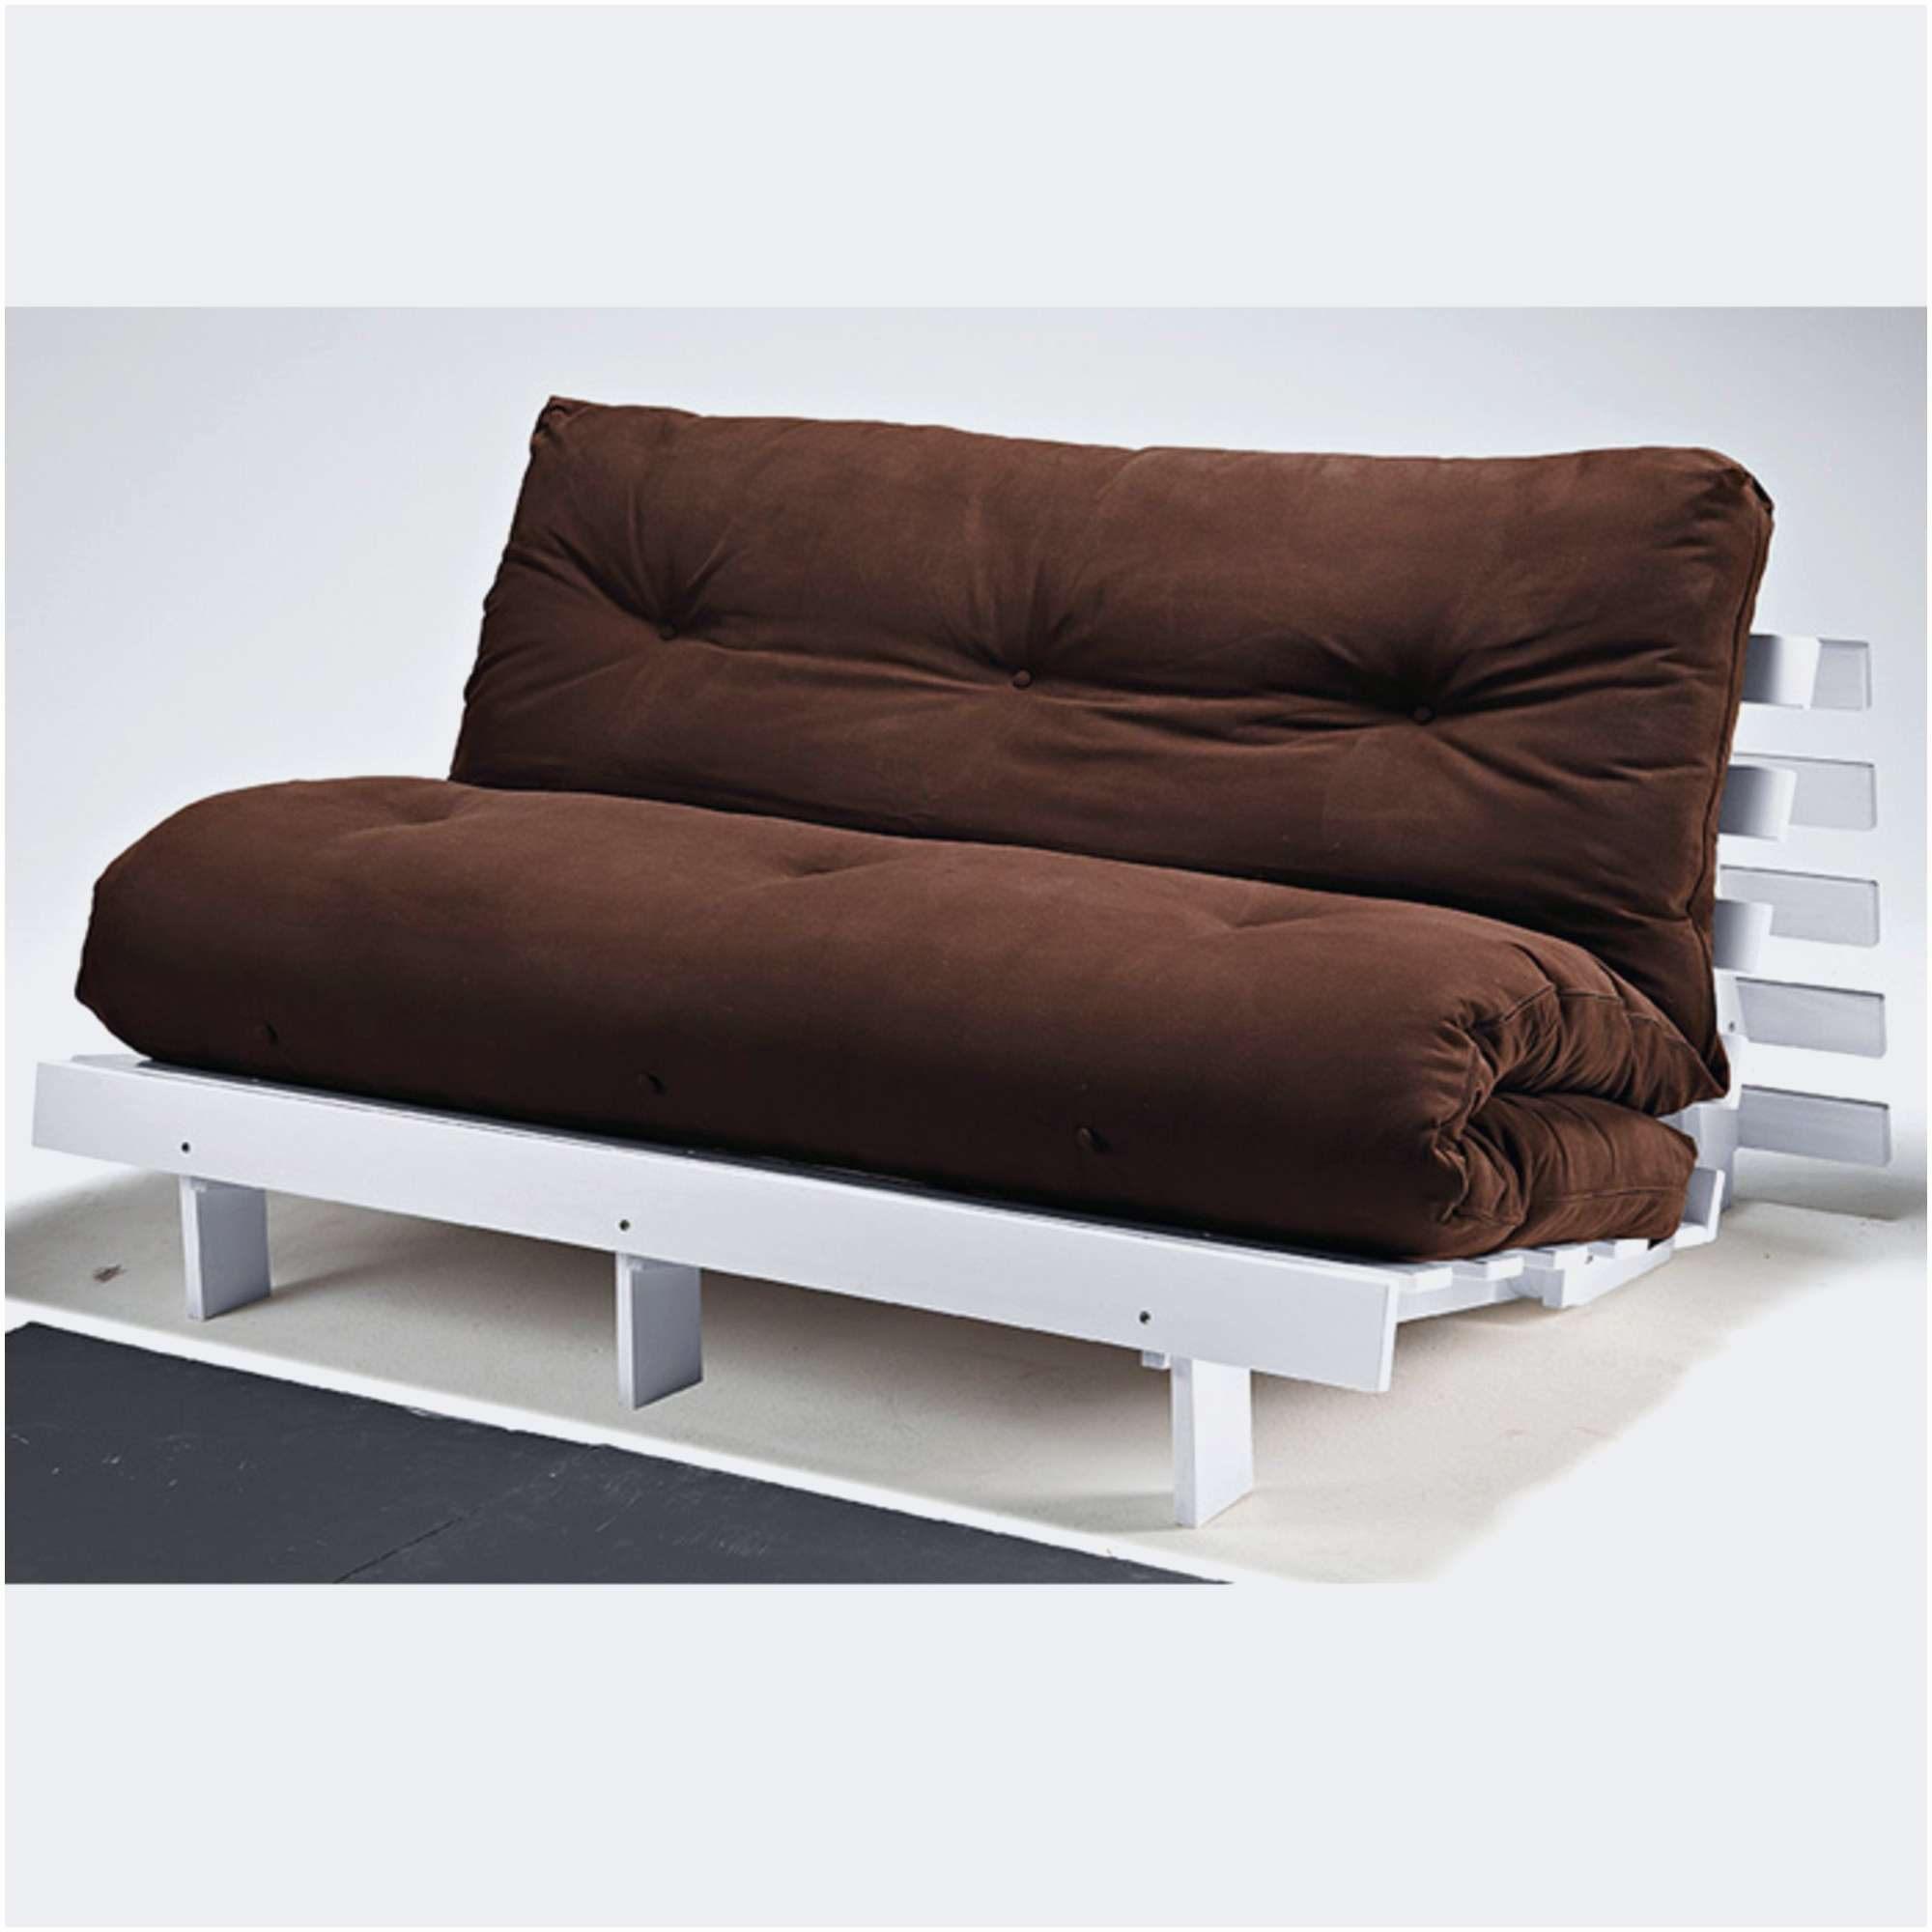 Ikea Canapé Lit Convertible Magnifique Le Meilleur De solde Canape Ikea Canap Clic Clac Cuir Bz Pas Cher